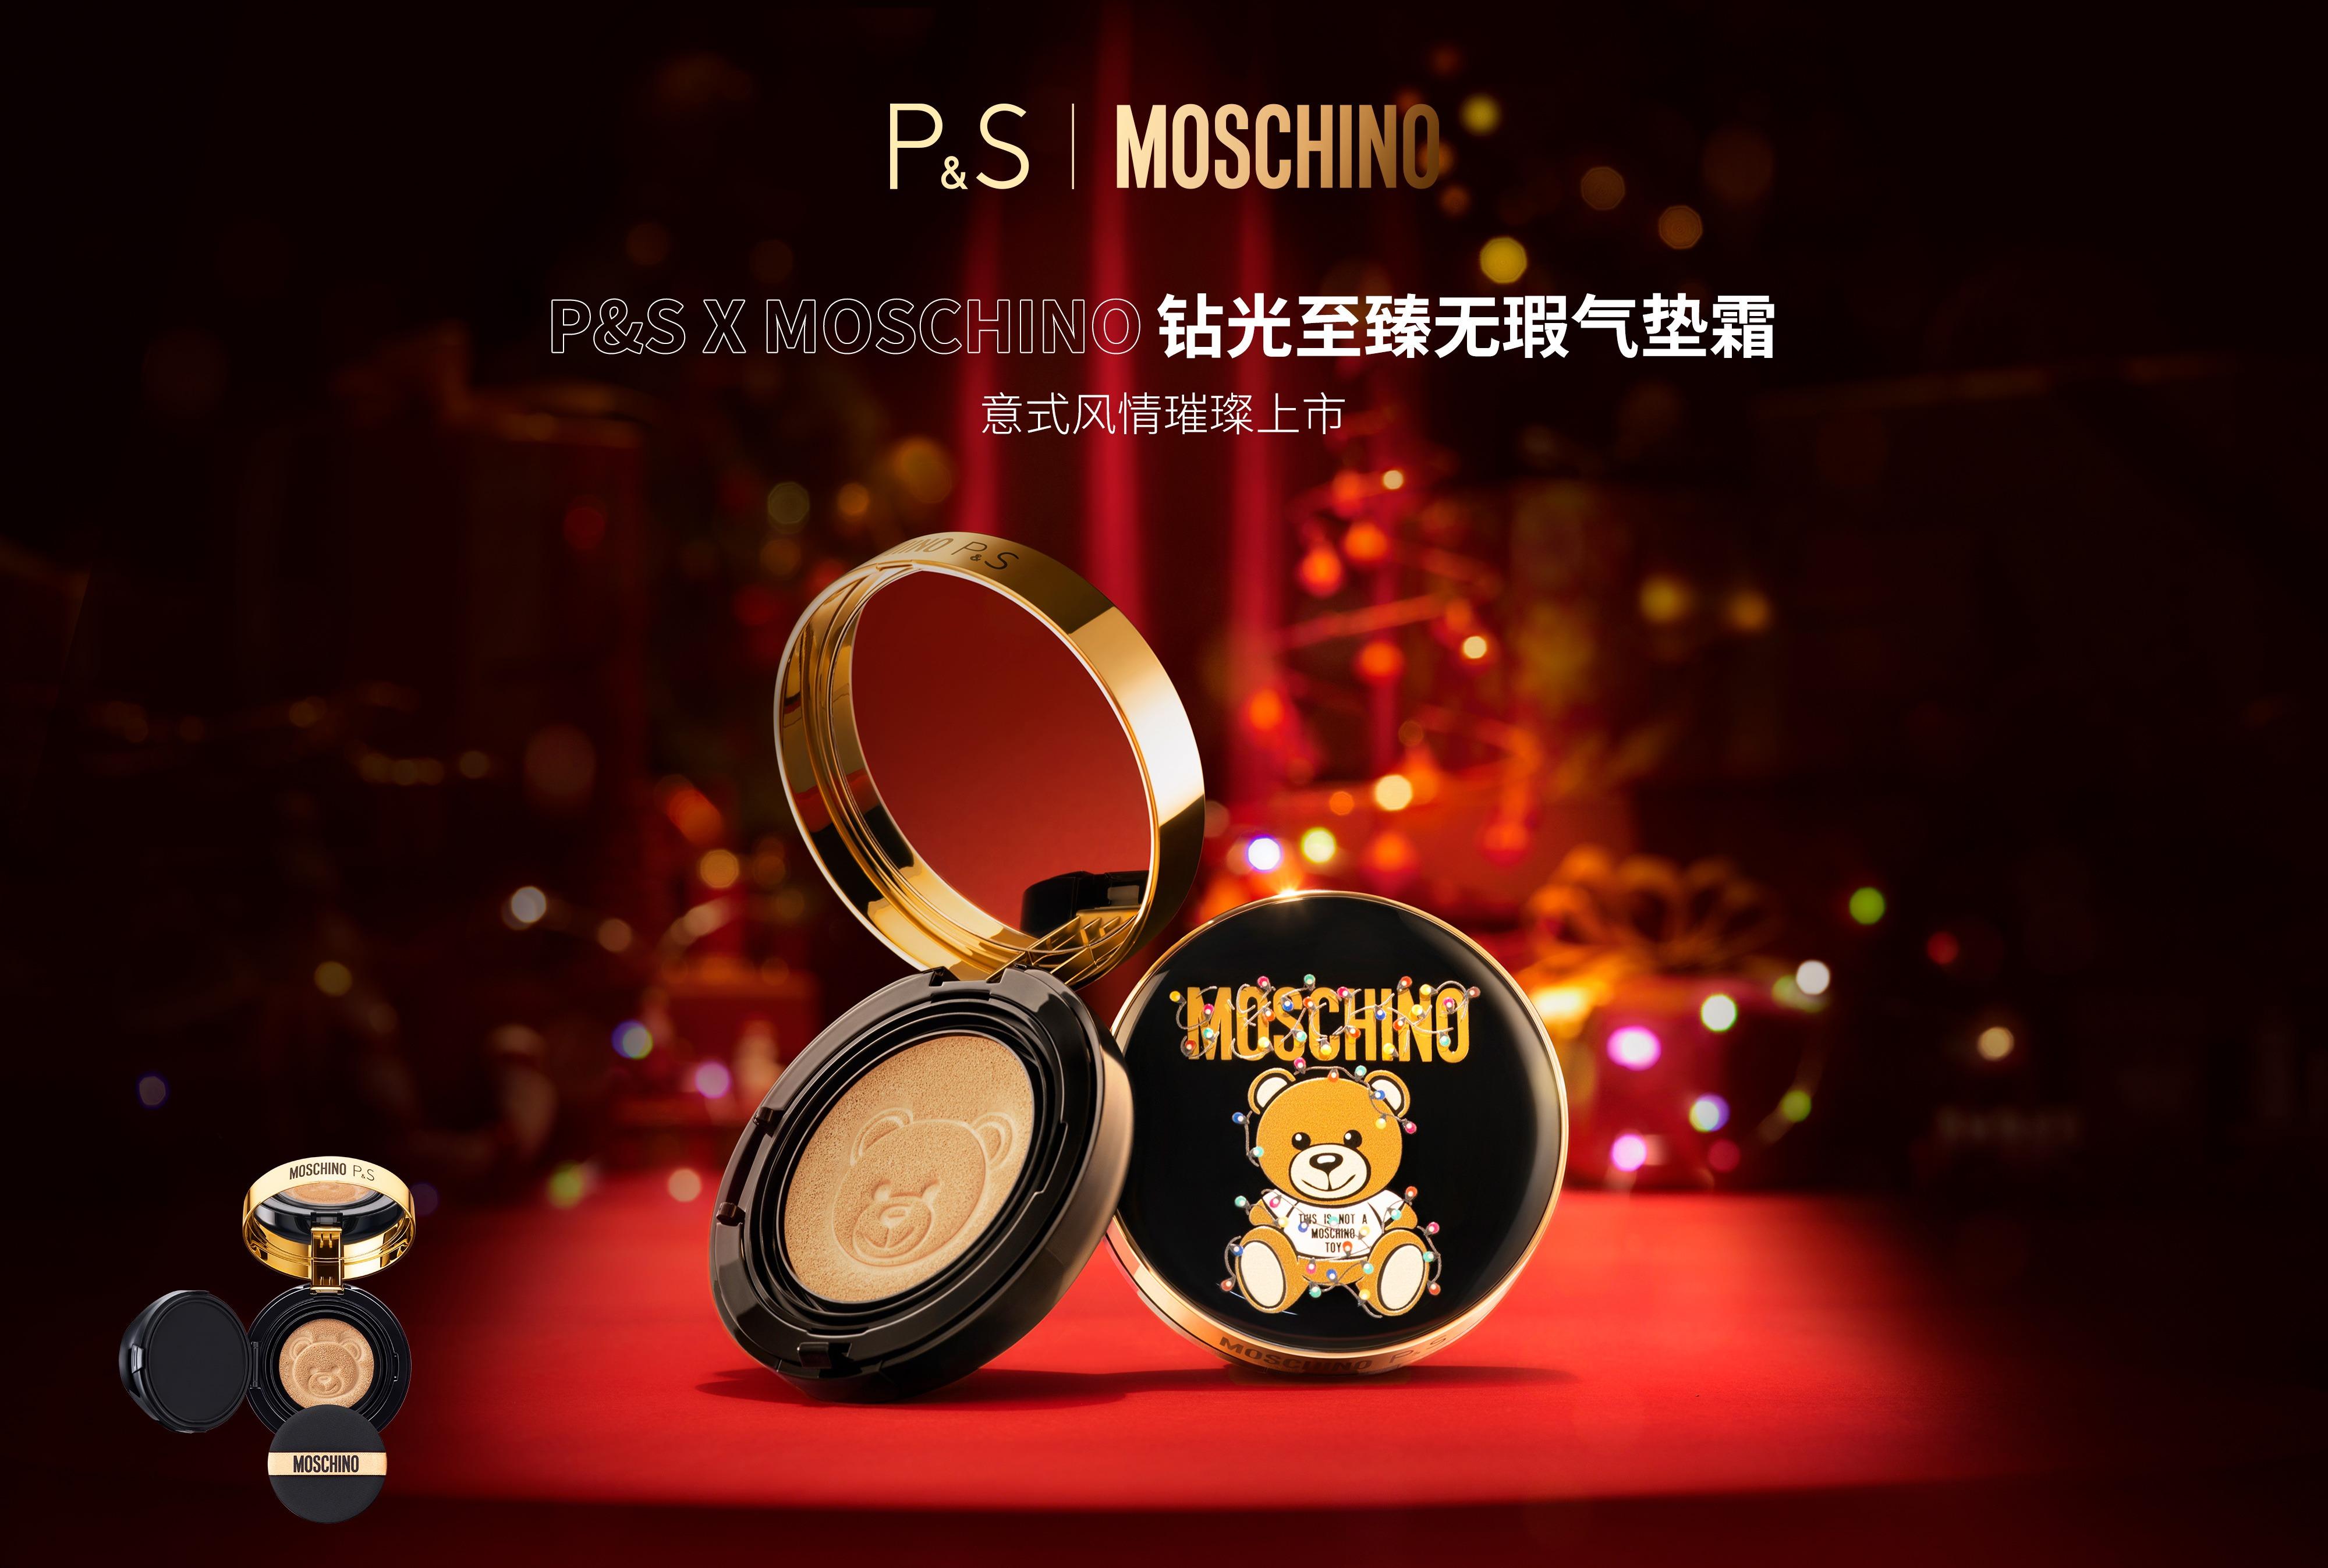 P&S x MOSCHINO 钻光至臻无瑕气垫霜全球限量发售